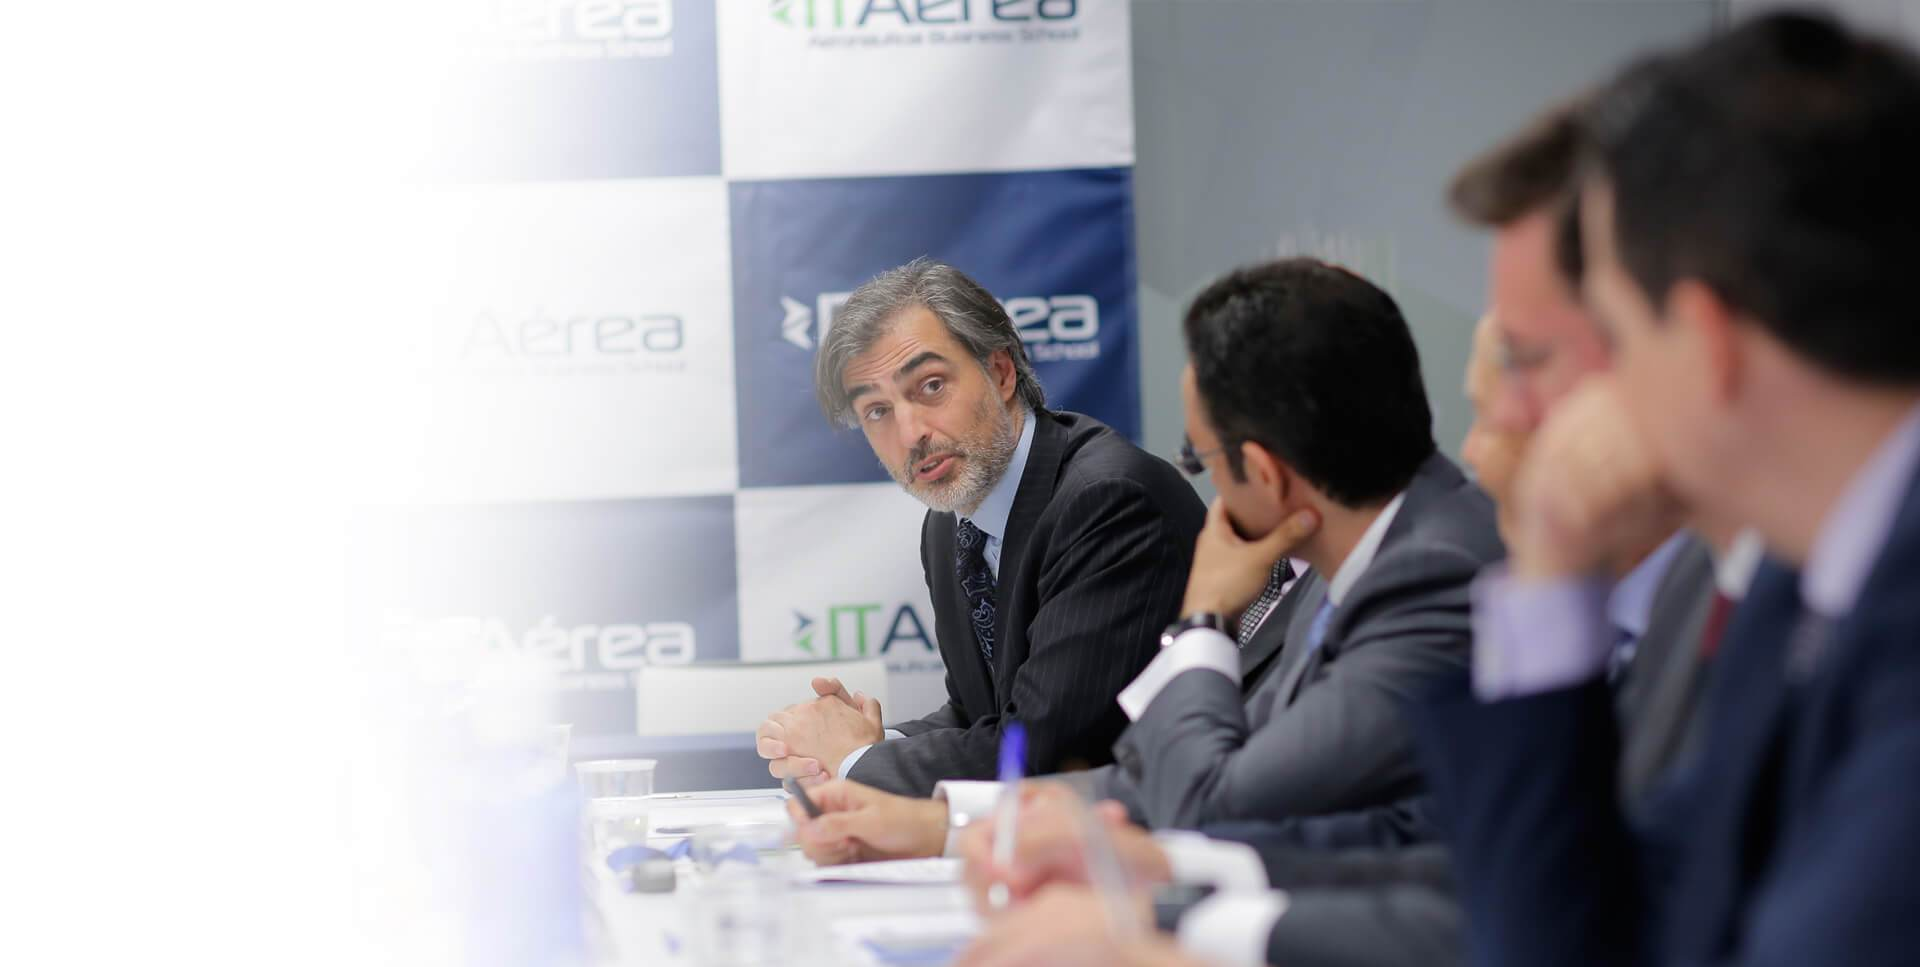 ITAérea, una Escuela de<br />Negocios internacional